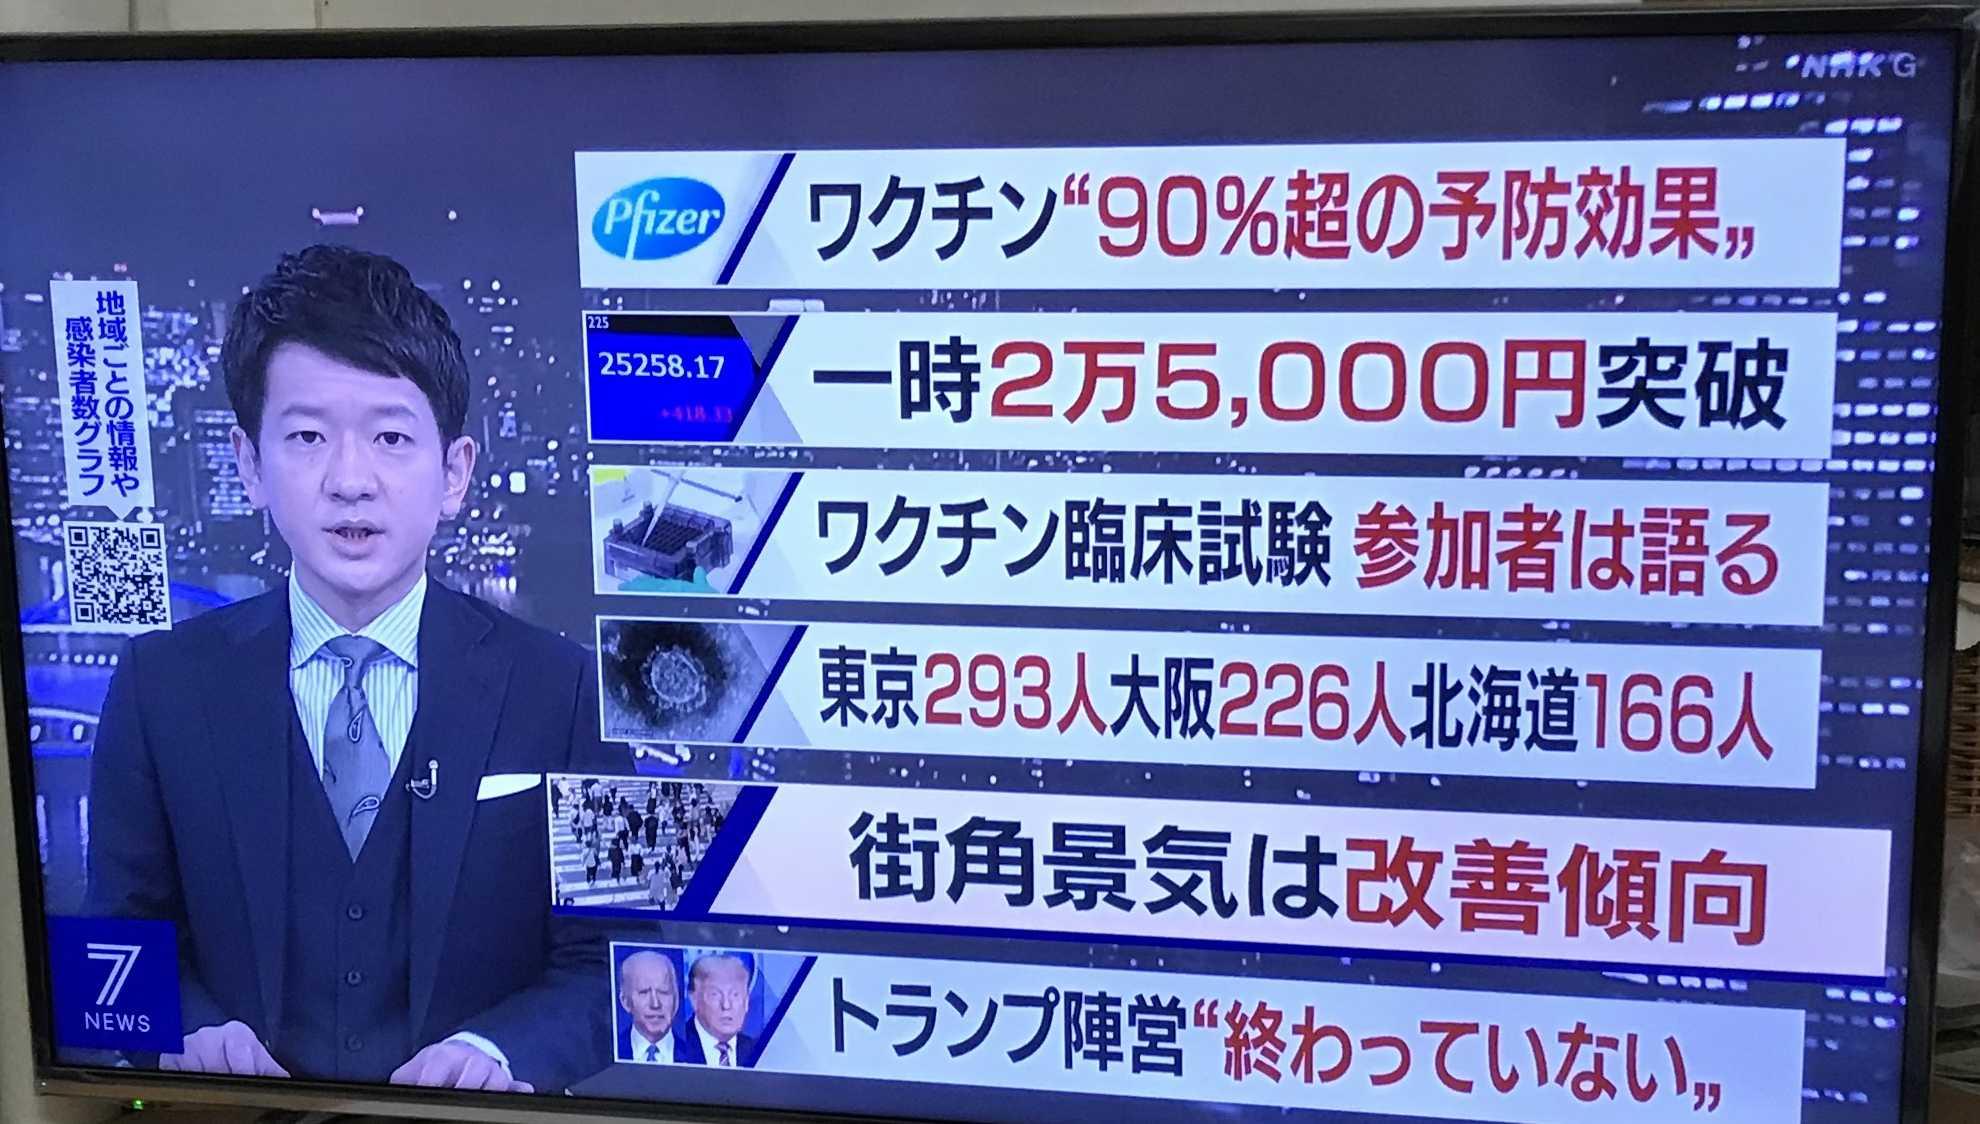 ドラマ テレビ 大阪 韓国